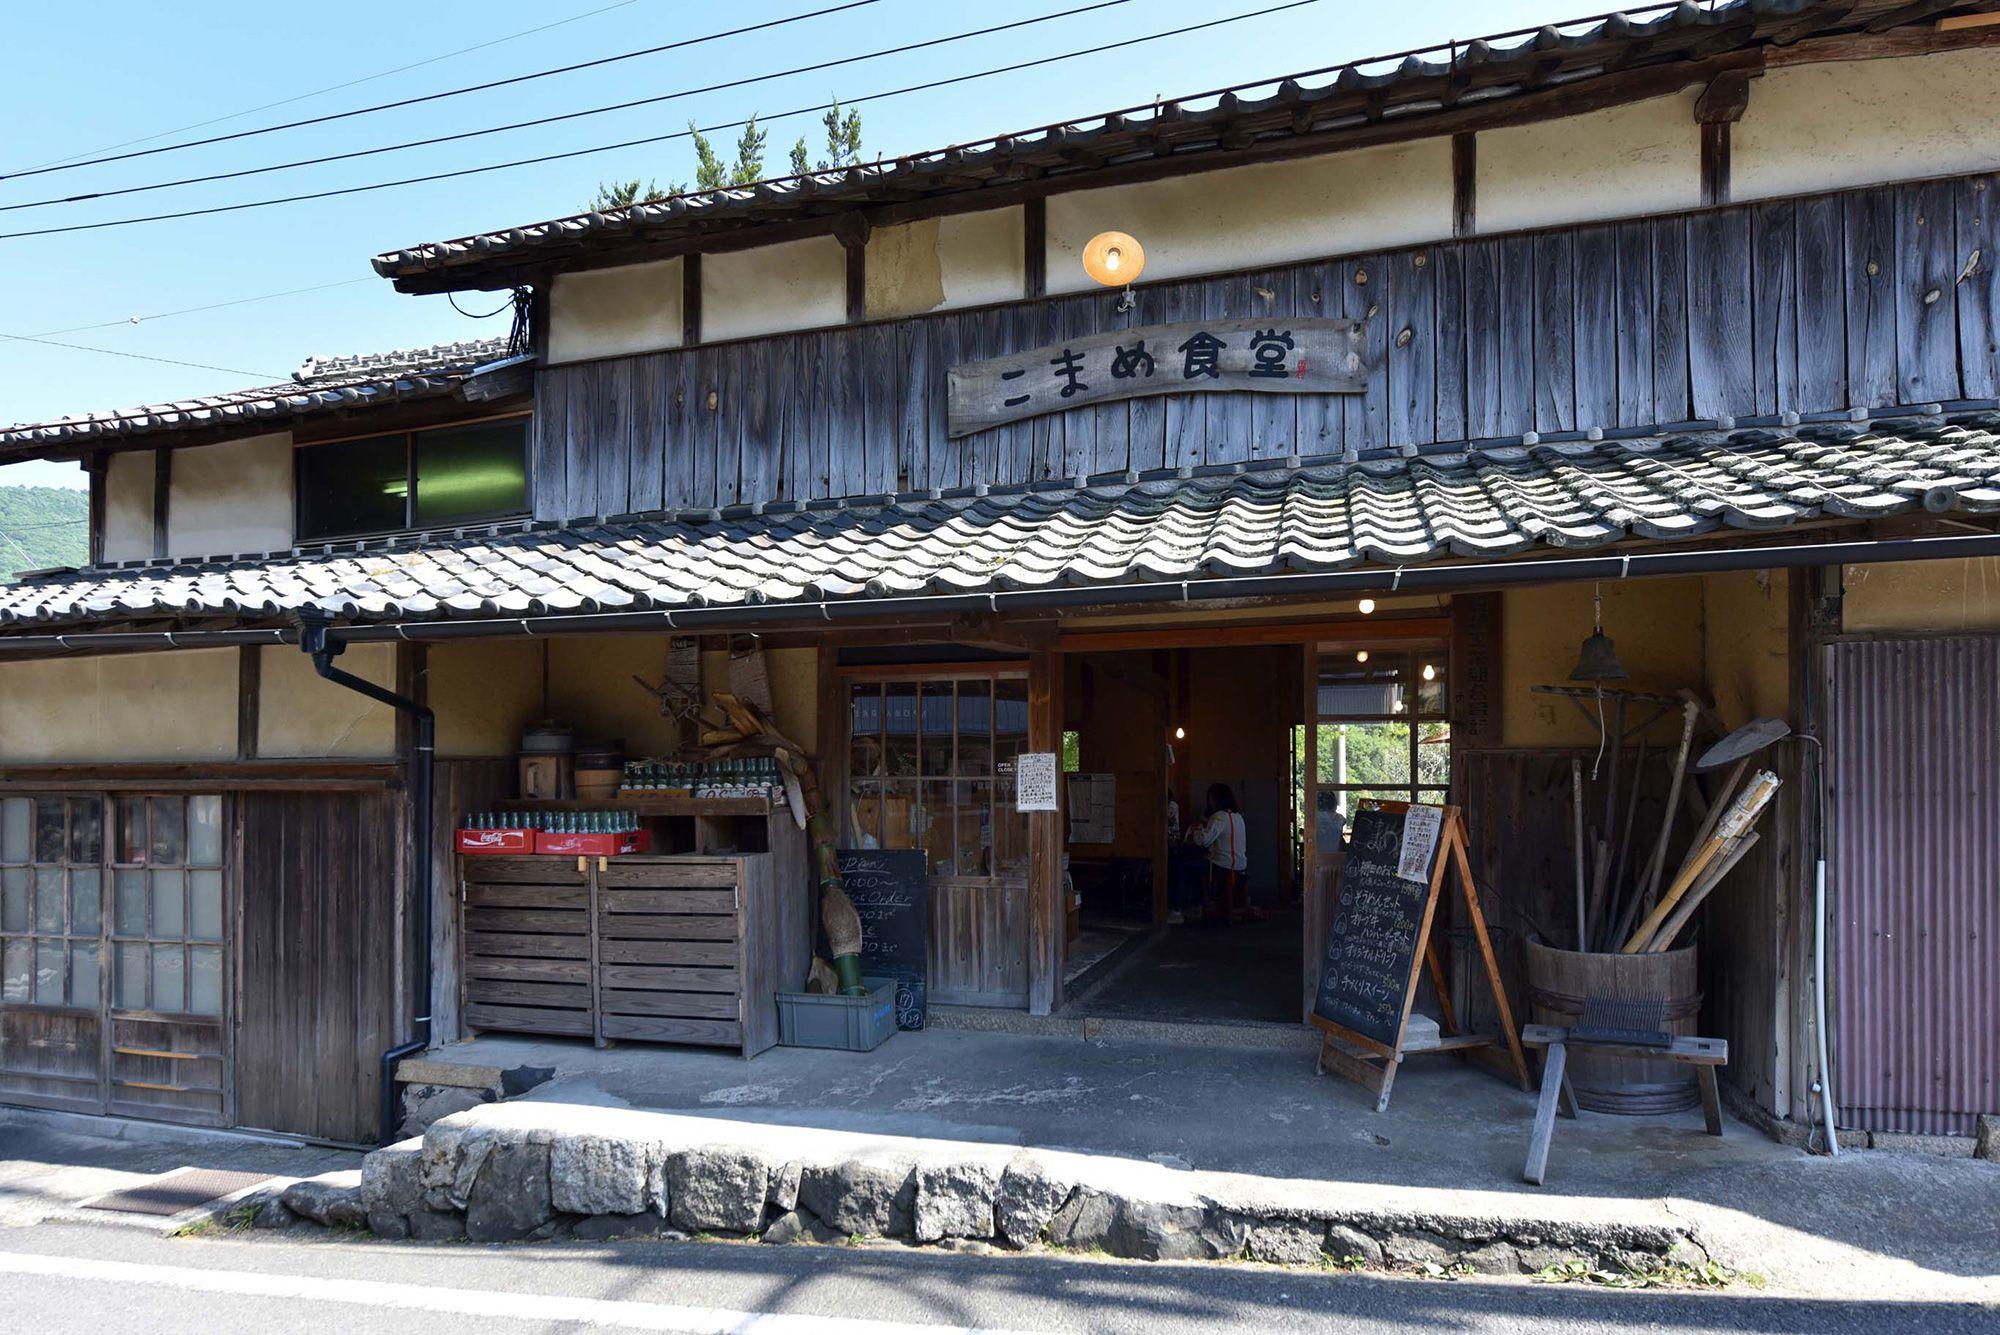 元は昭和初期ごろ建てられた地域の精米所だった。